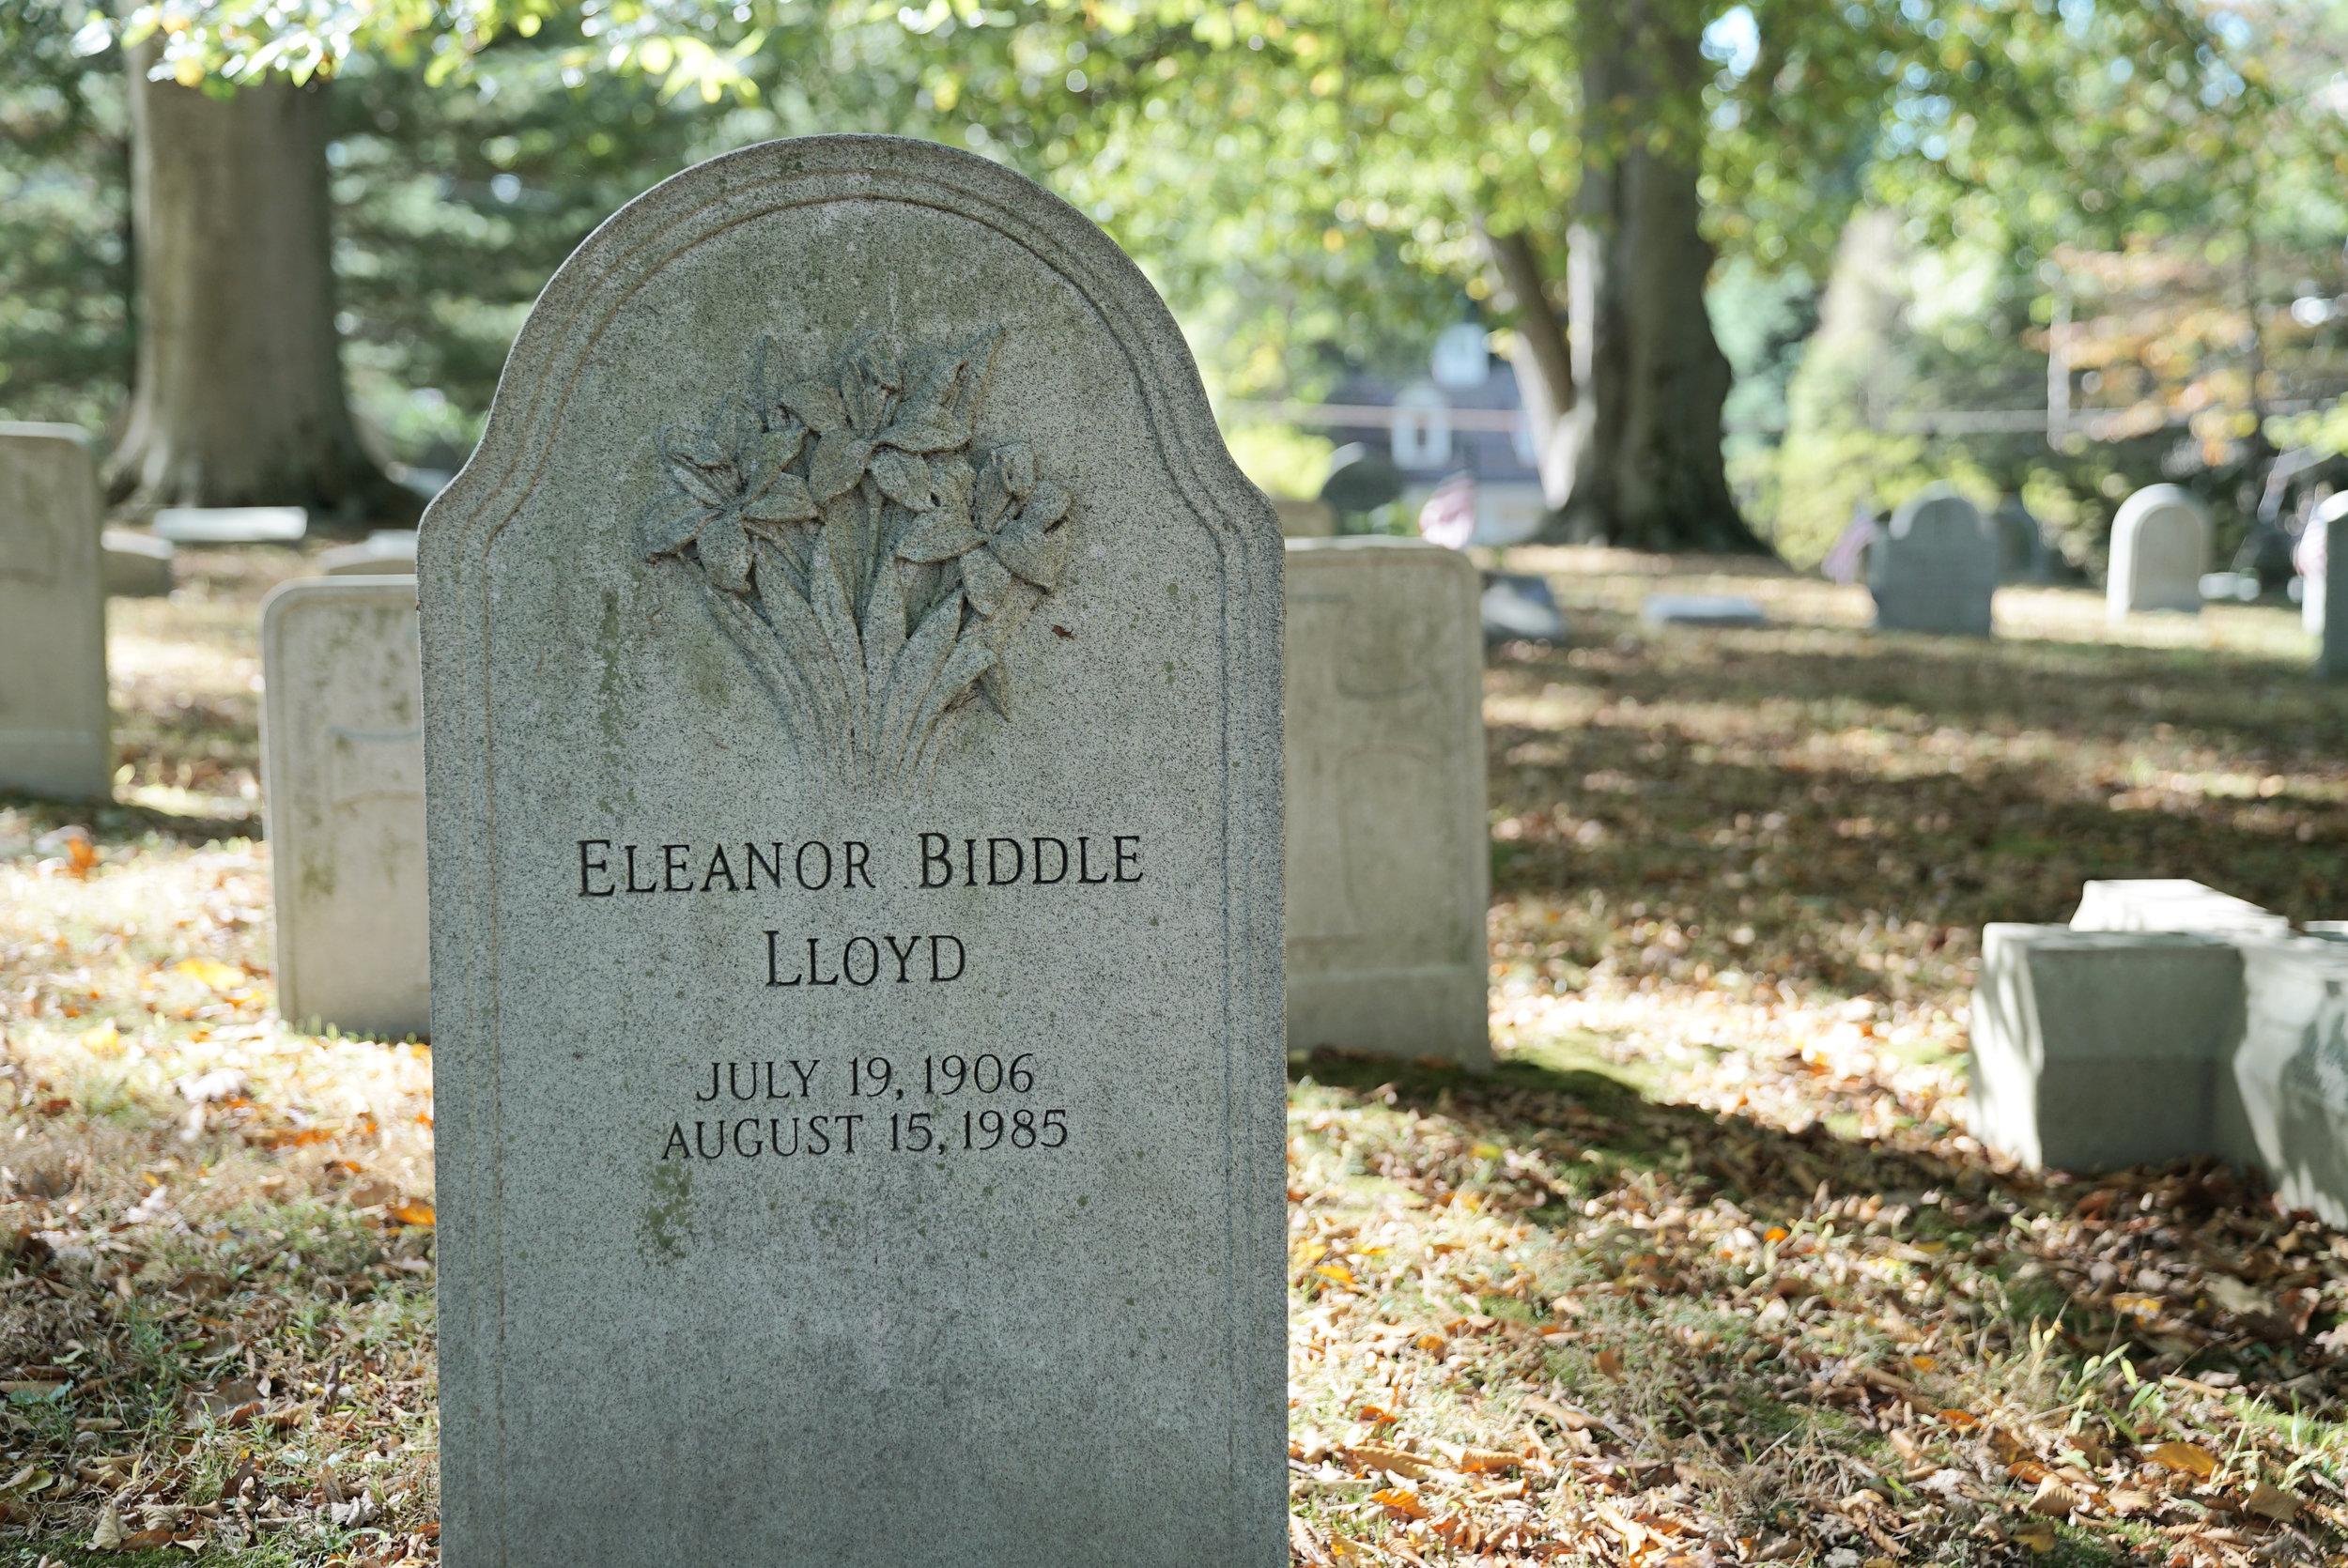 Church of the Redeemer Cemetery. Bryn Mawr, Pennsylvania.